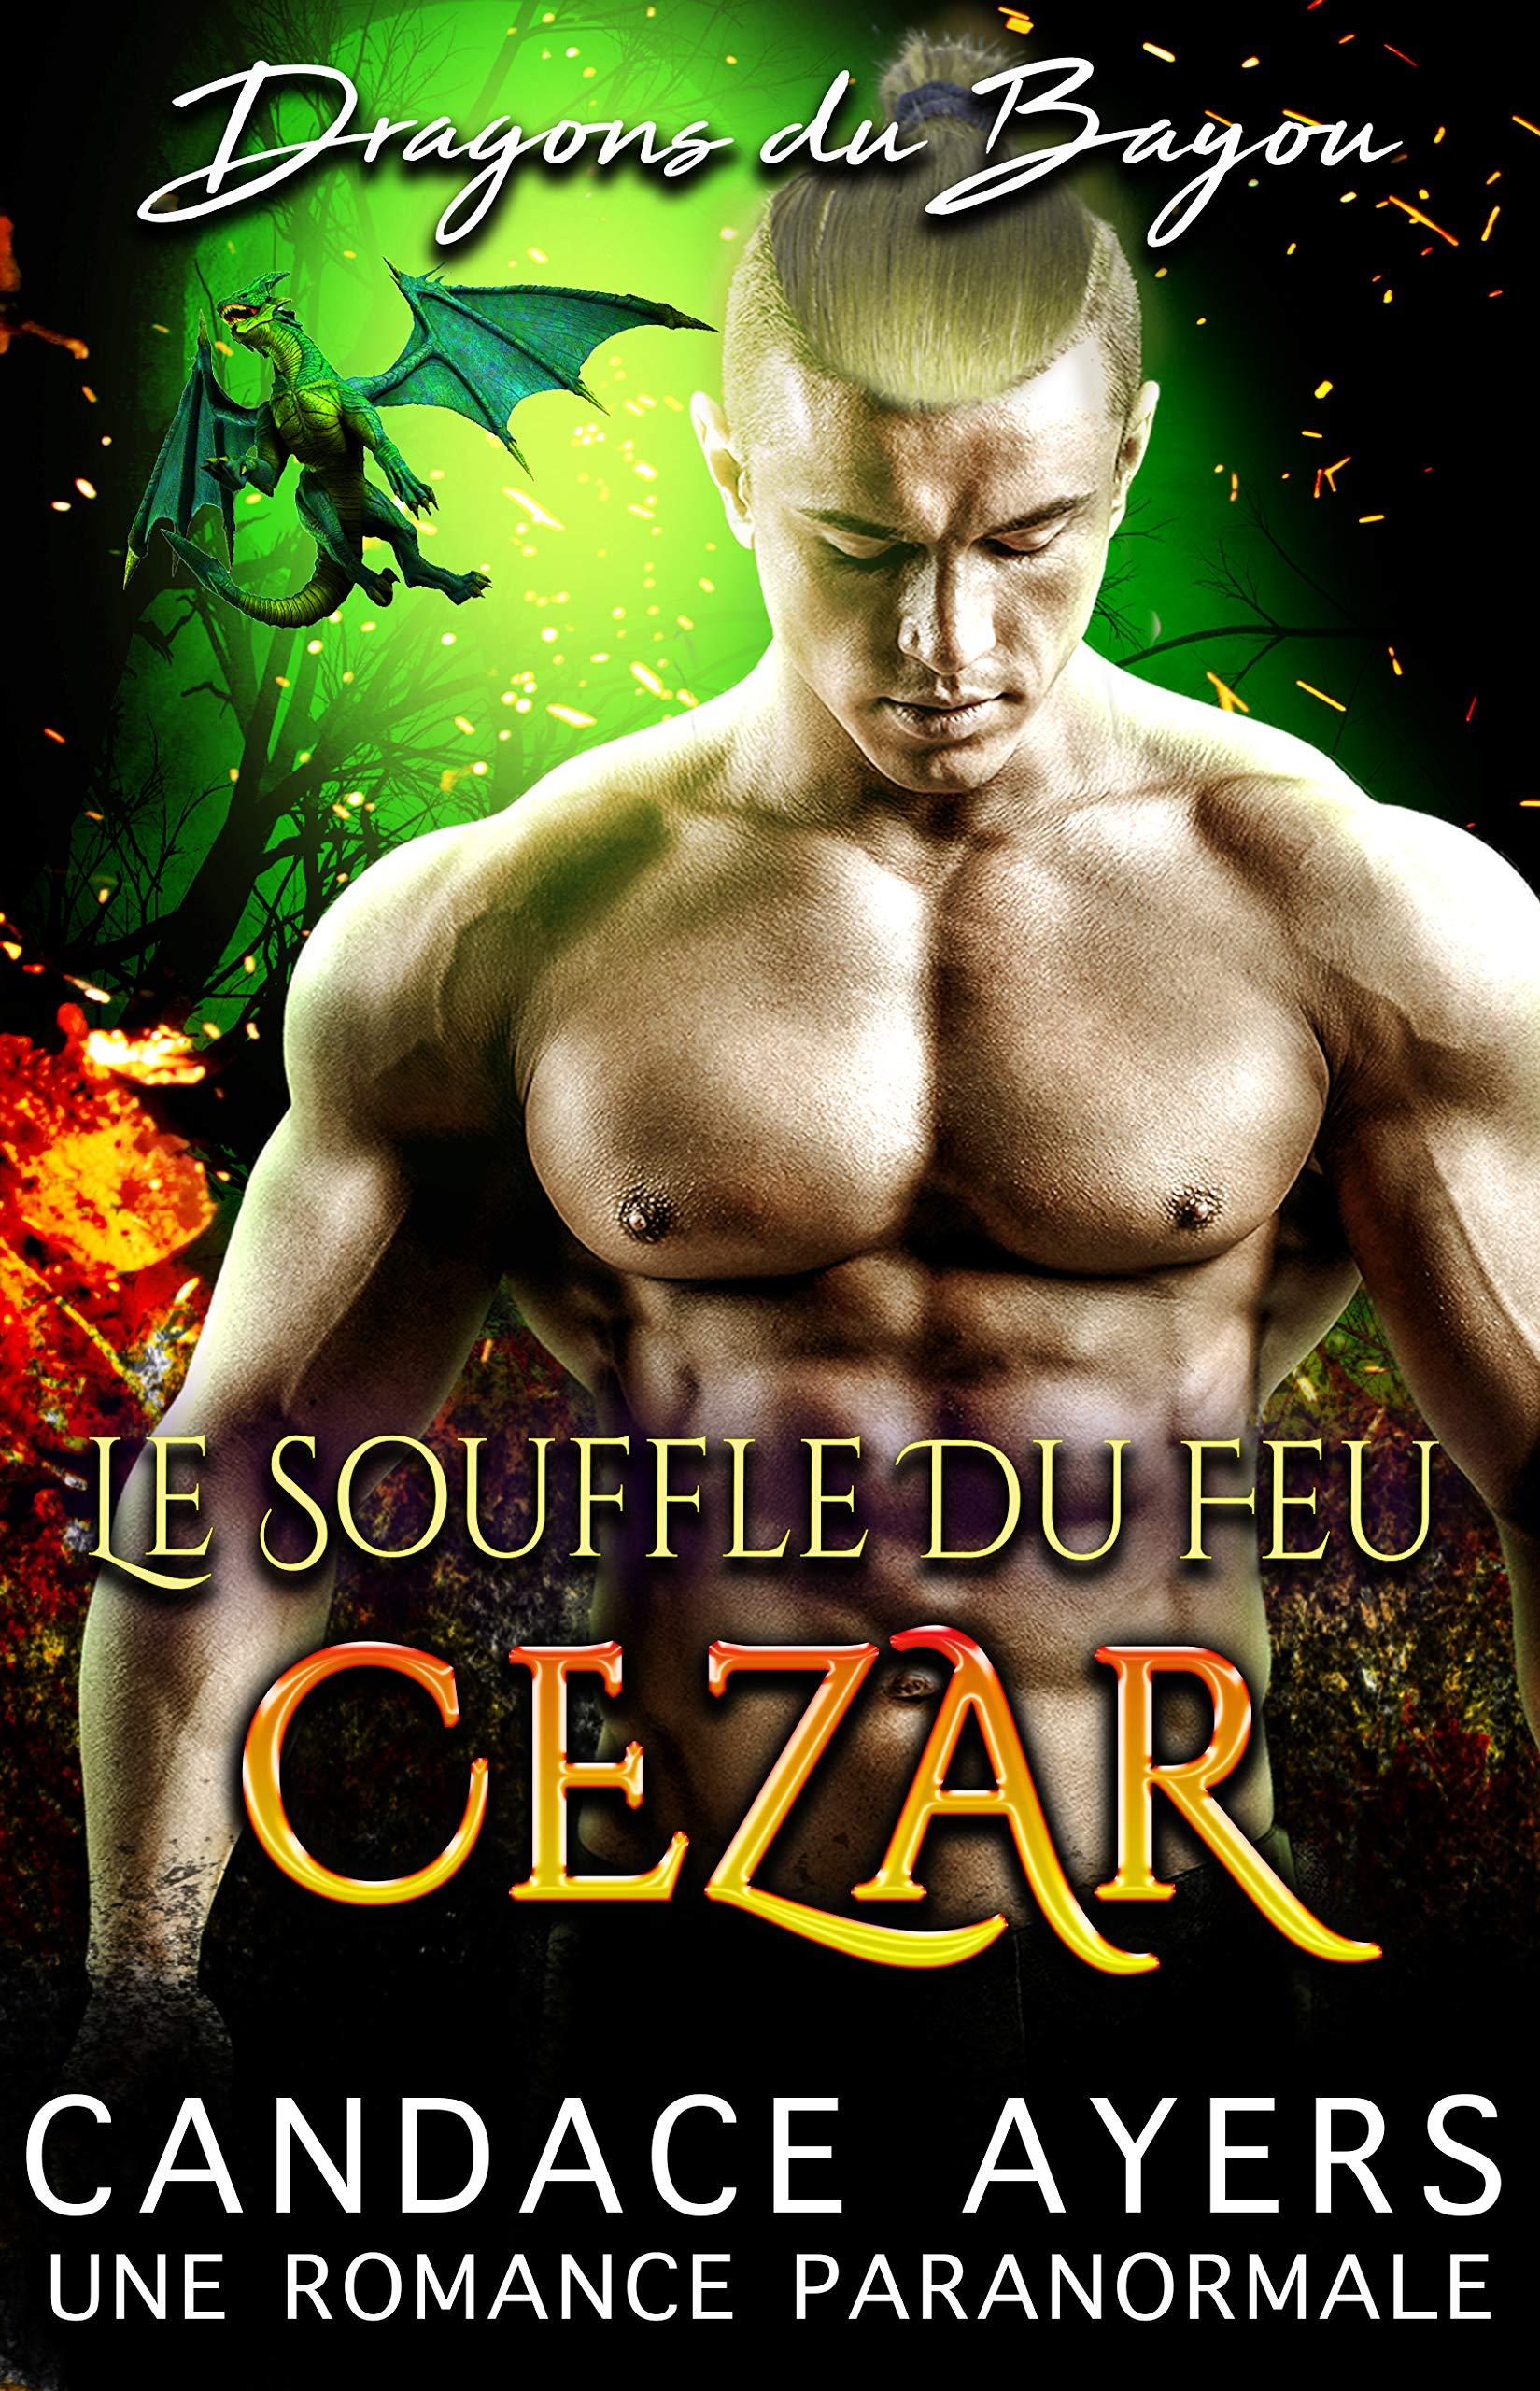 Le Souffle du Feu: Cezar: Une Romance Paranormale (Dragons du Bayou t. 2) por Candace Ayers